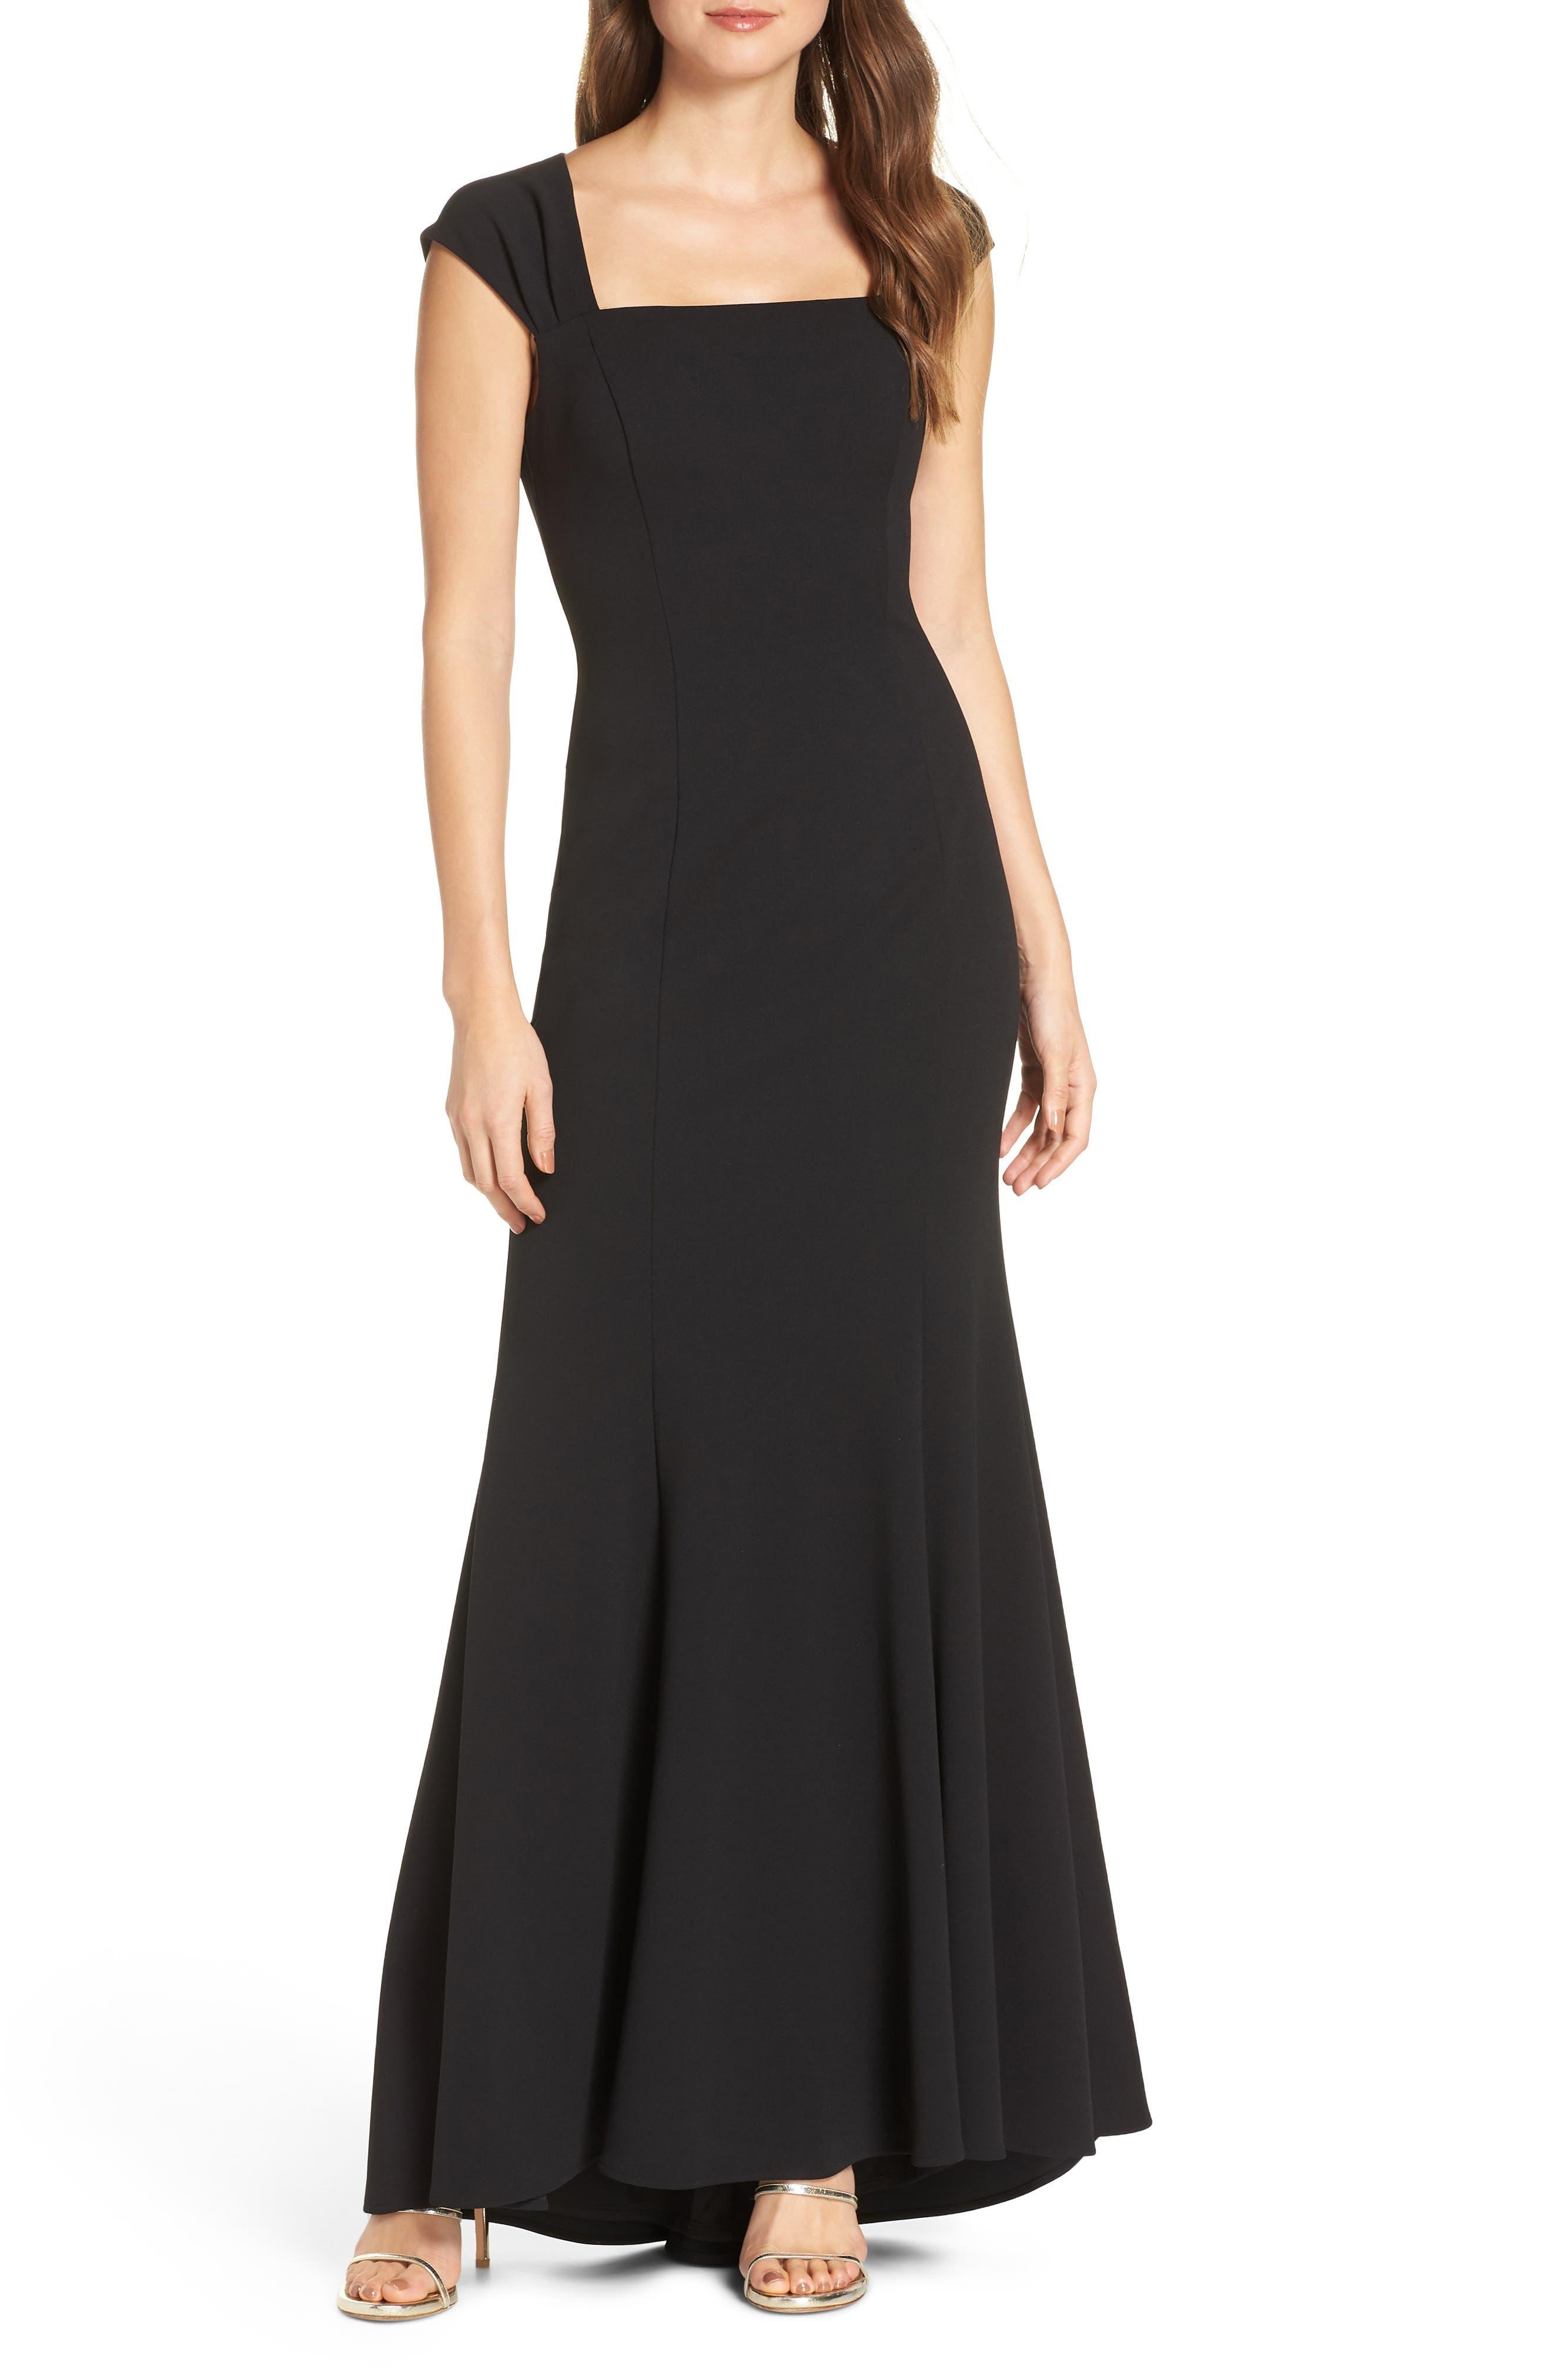 ELIZA J, Square Neck Scuba Crepe Evening Dress, Main thumbnail 1, color, BLACK